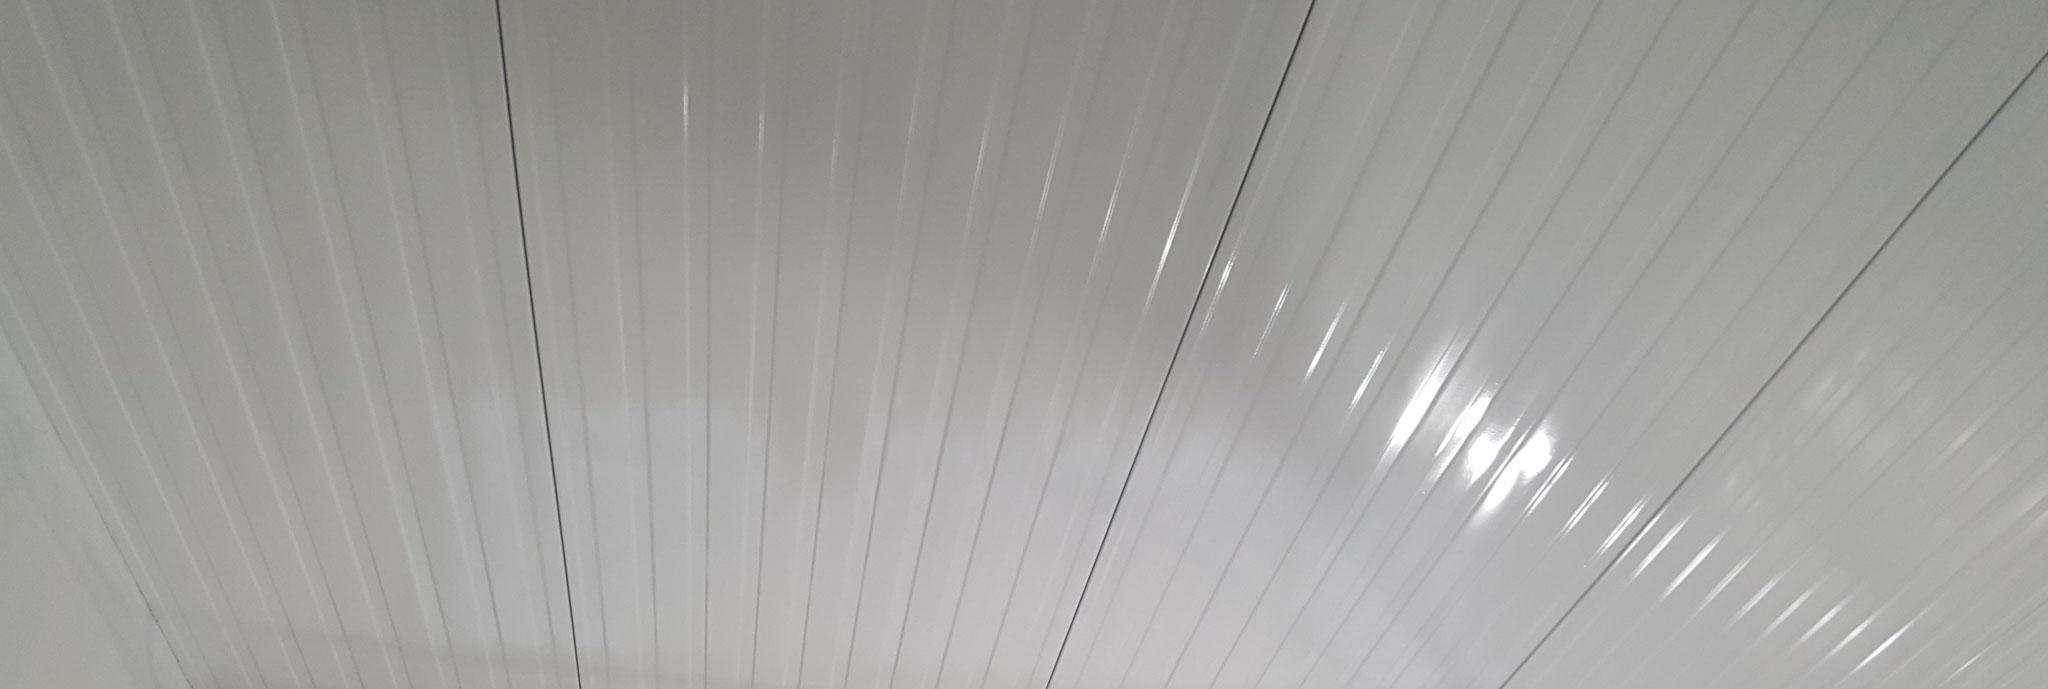 Trapezdecken im Airless-Verfahren lackiert - saubere und glatte Oberflächenoptik